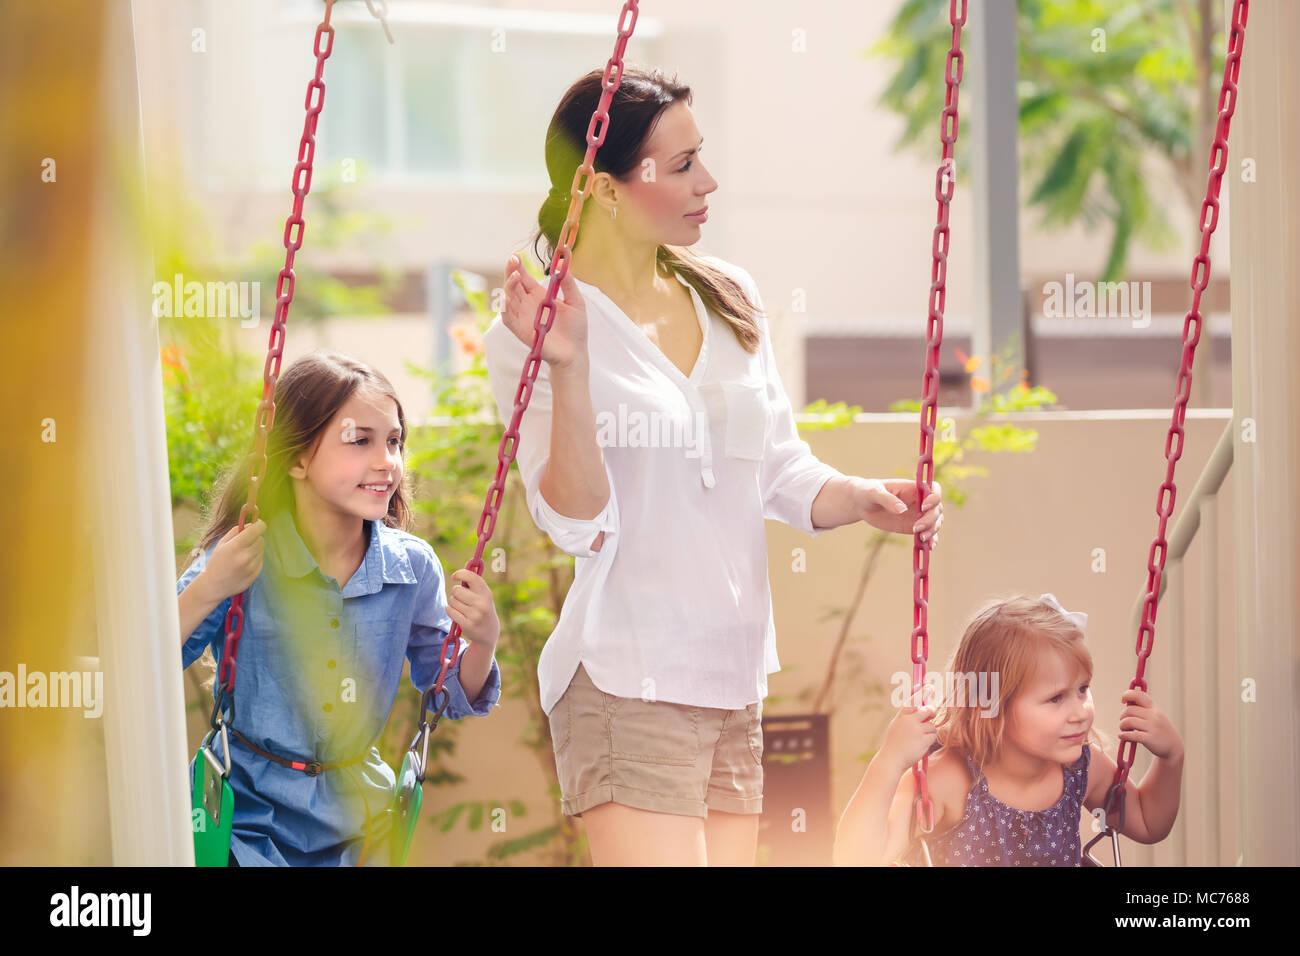 Mère de deux filles sur l'aire de jeux, de belles jeunes filles maman rocks son précieux sur la balançoire, heureux en famille week-end ensemble de dépenses Photo Stock